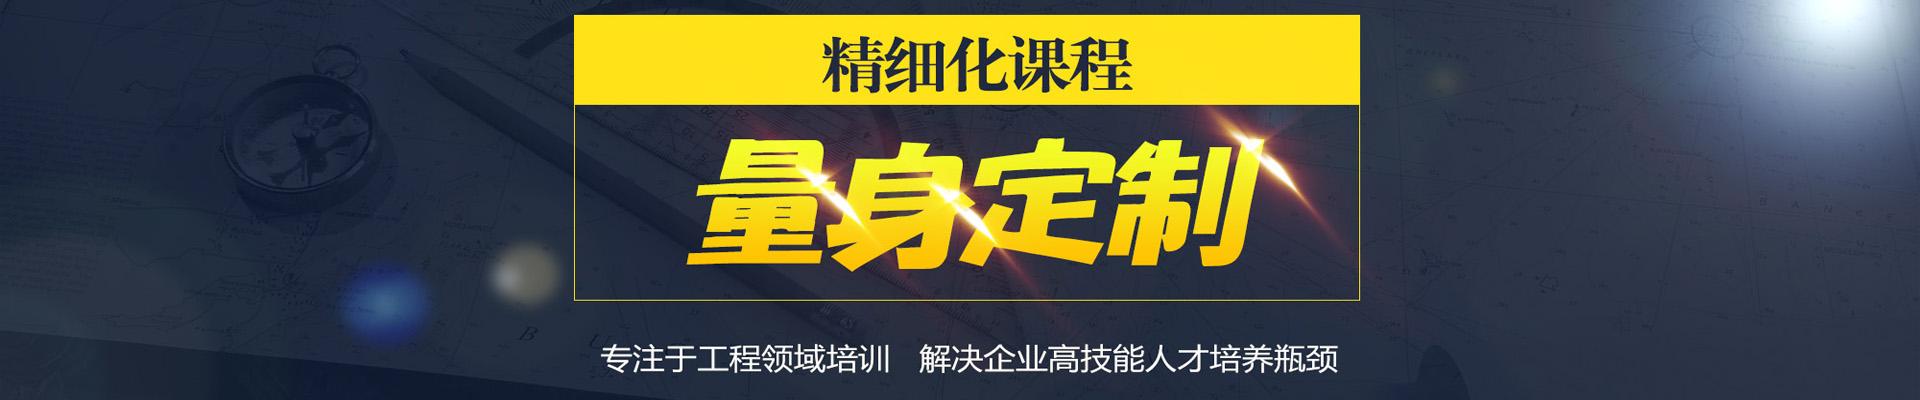 陕西榆林优路教育培训学校